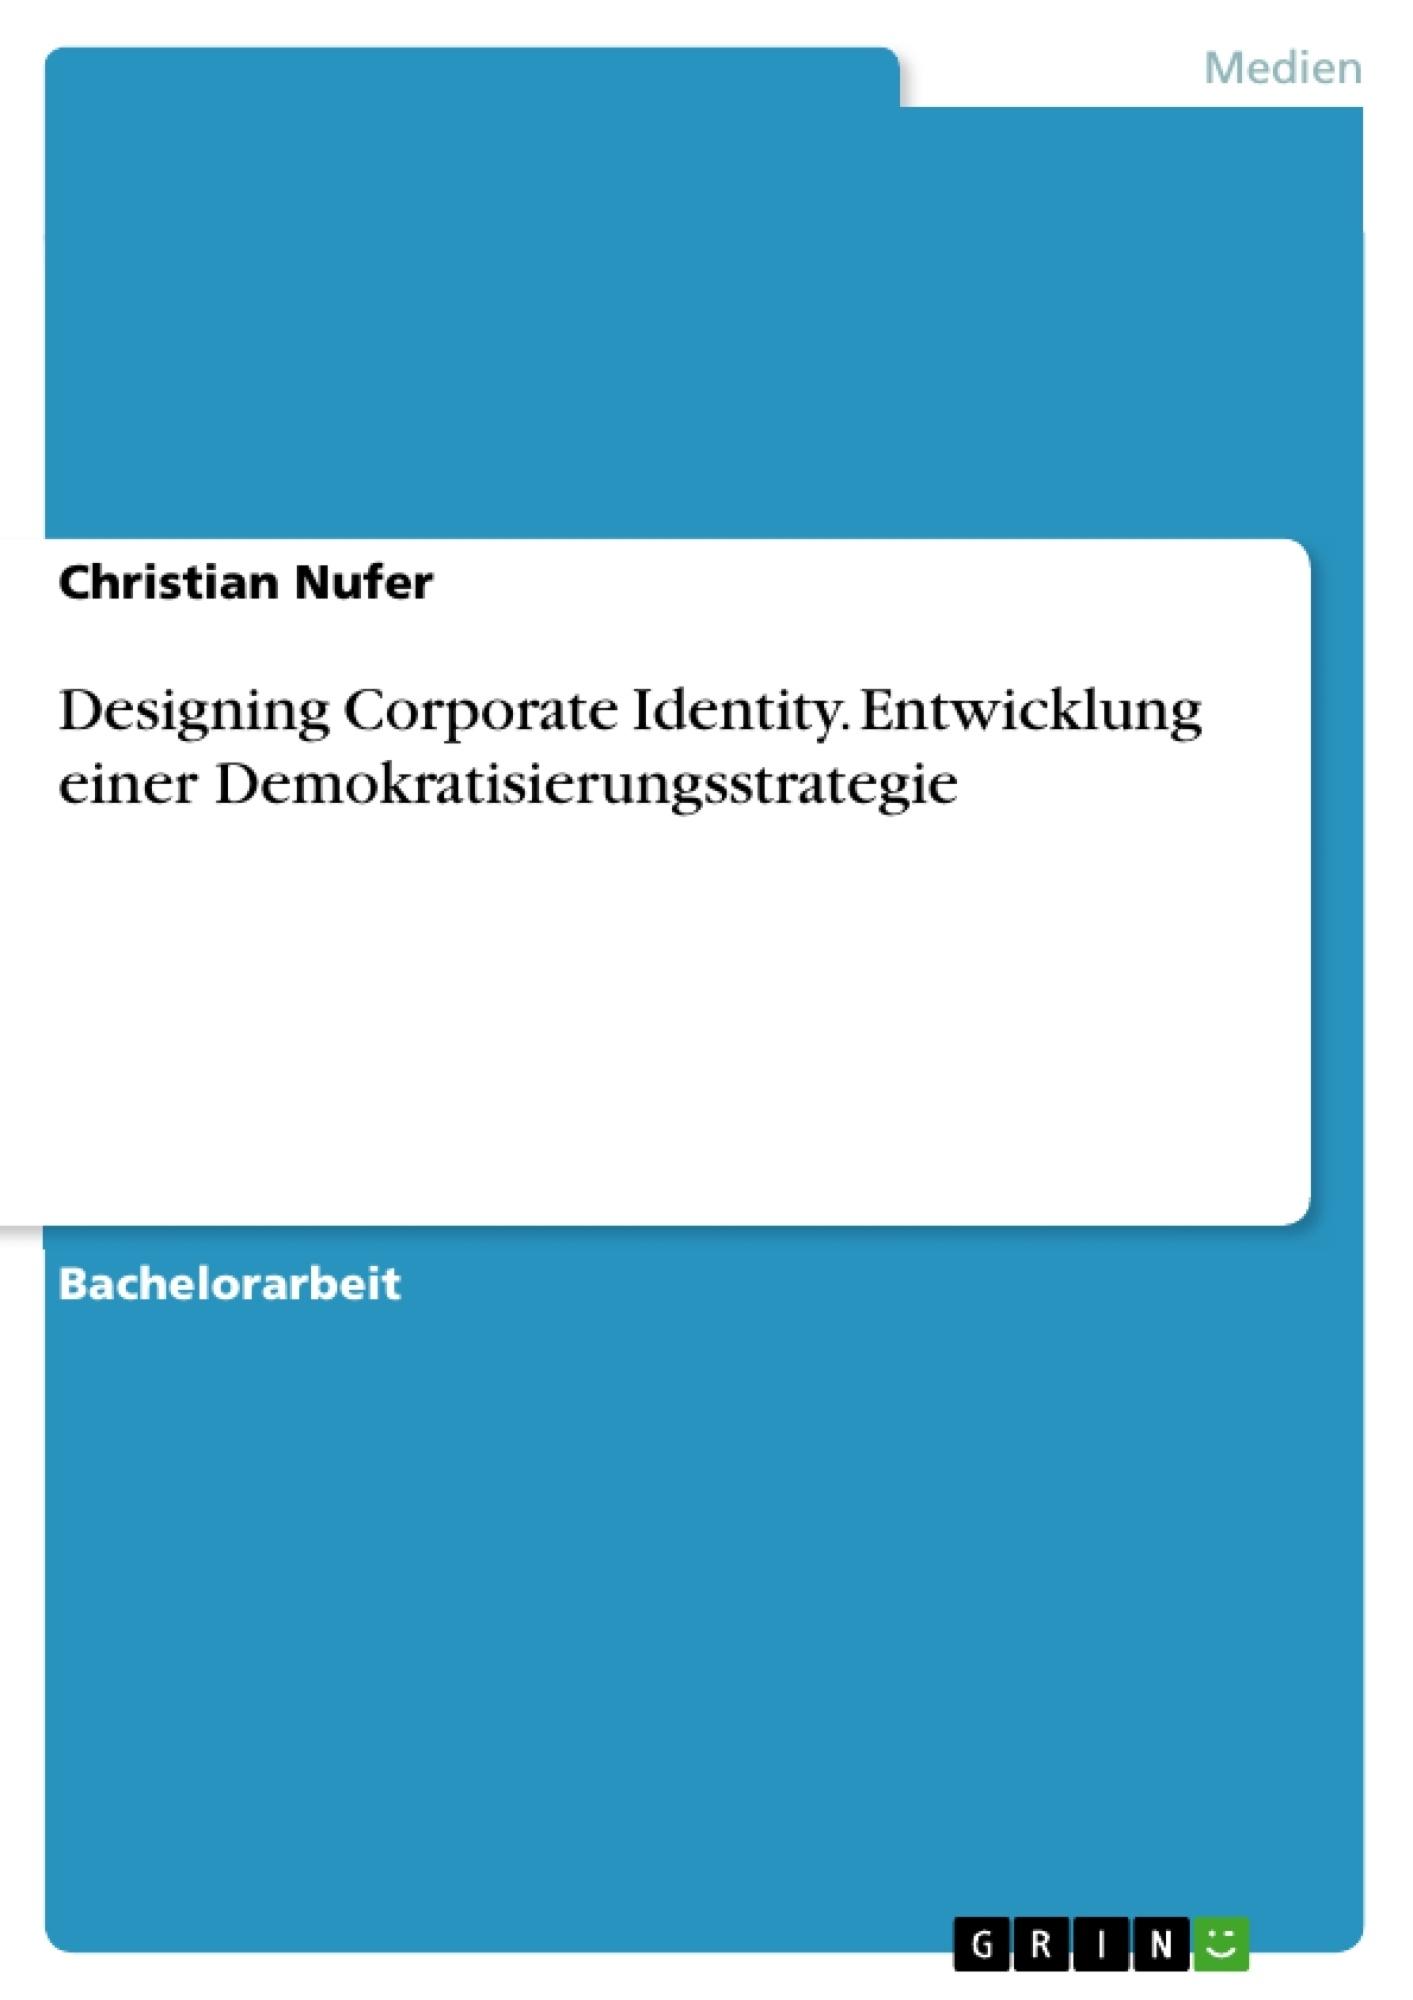 Titel: Designing Corporate Identity. Entwicklung einer Demokratisierungsstrategie